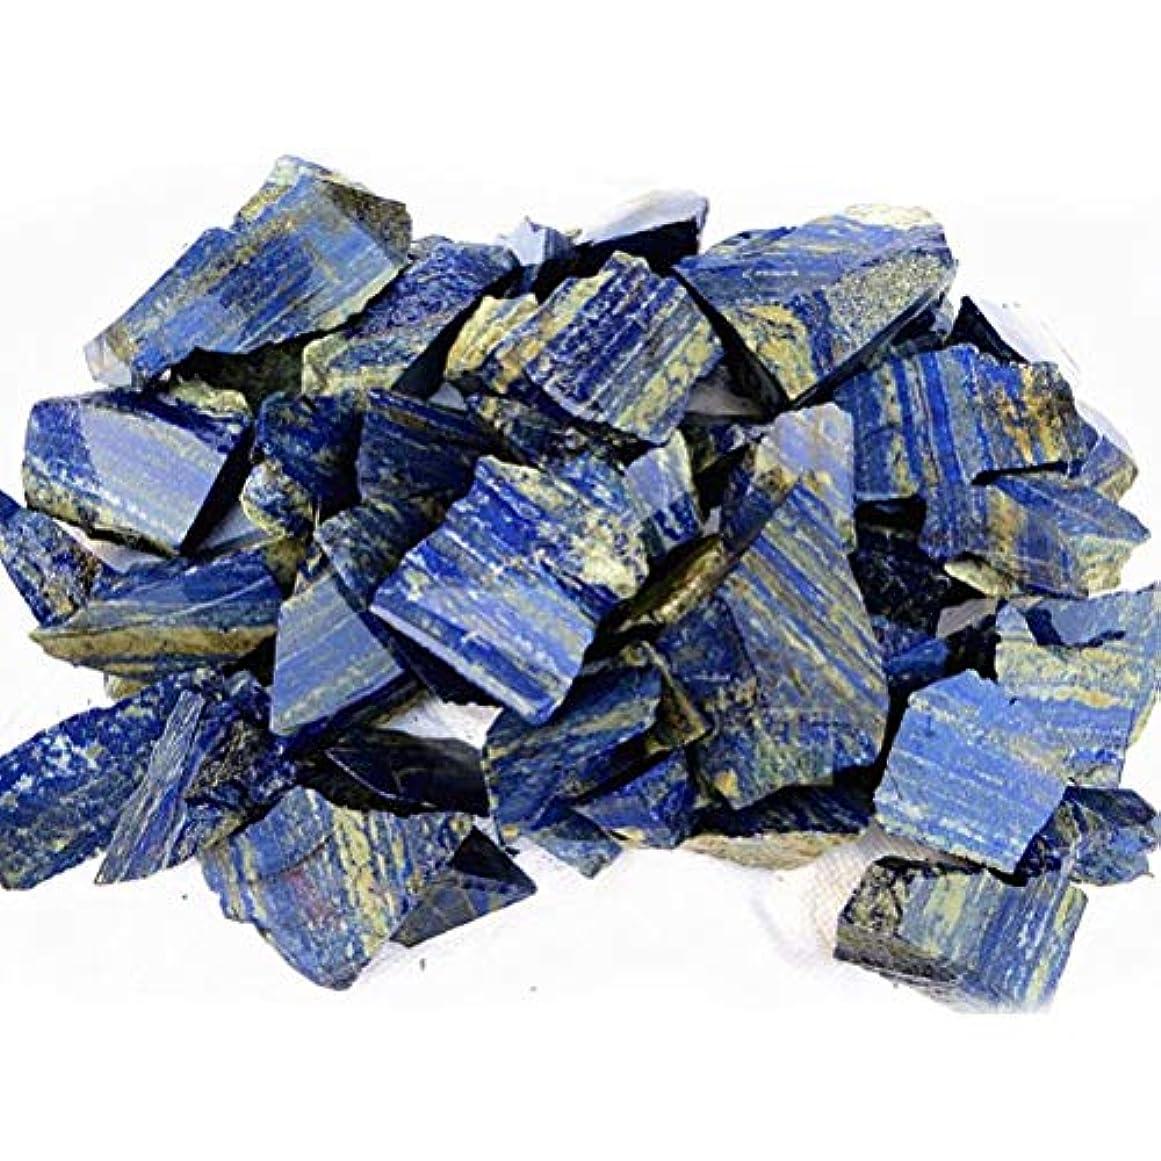 伝えるミルク通行人Vosarea 100グラムナチュラルラピスラズリタンブルストーンヒーリングレイキクリスタルジュエリー作りホームデコレーションdiy材料宝石石